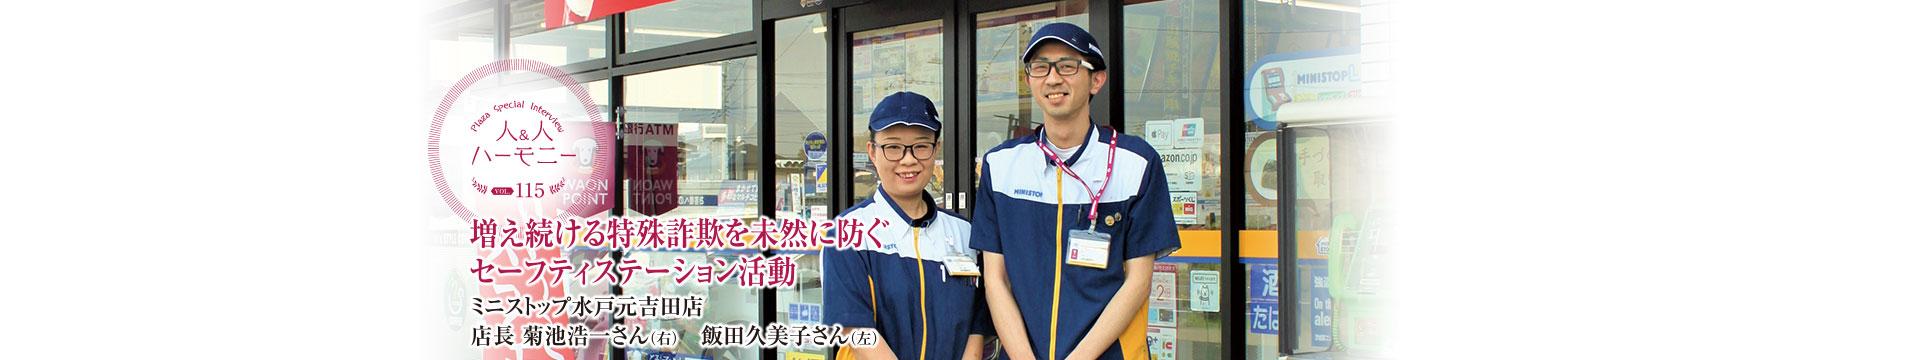 人&人ハーモニー リューシュブンカムラ 川澄 淳さん・信子さんご夫妻